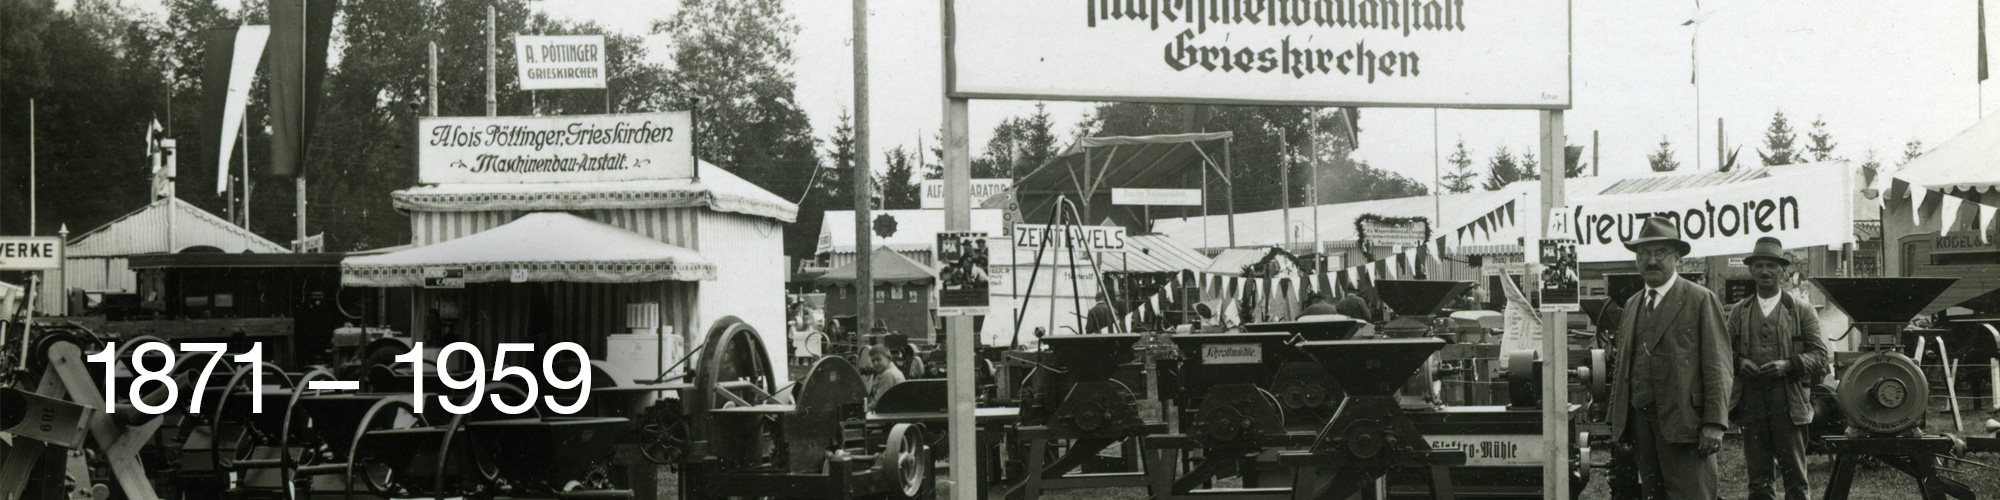 150 години Поьтингер